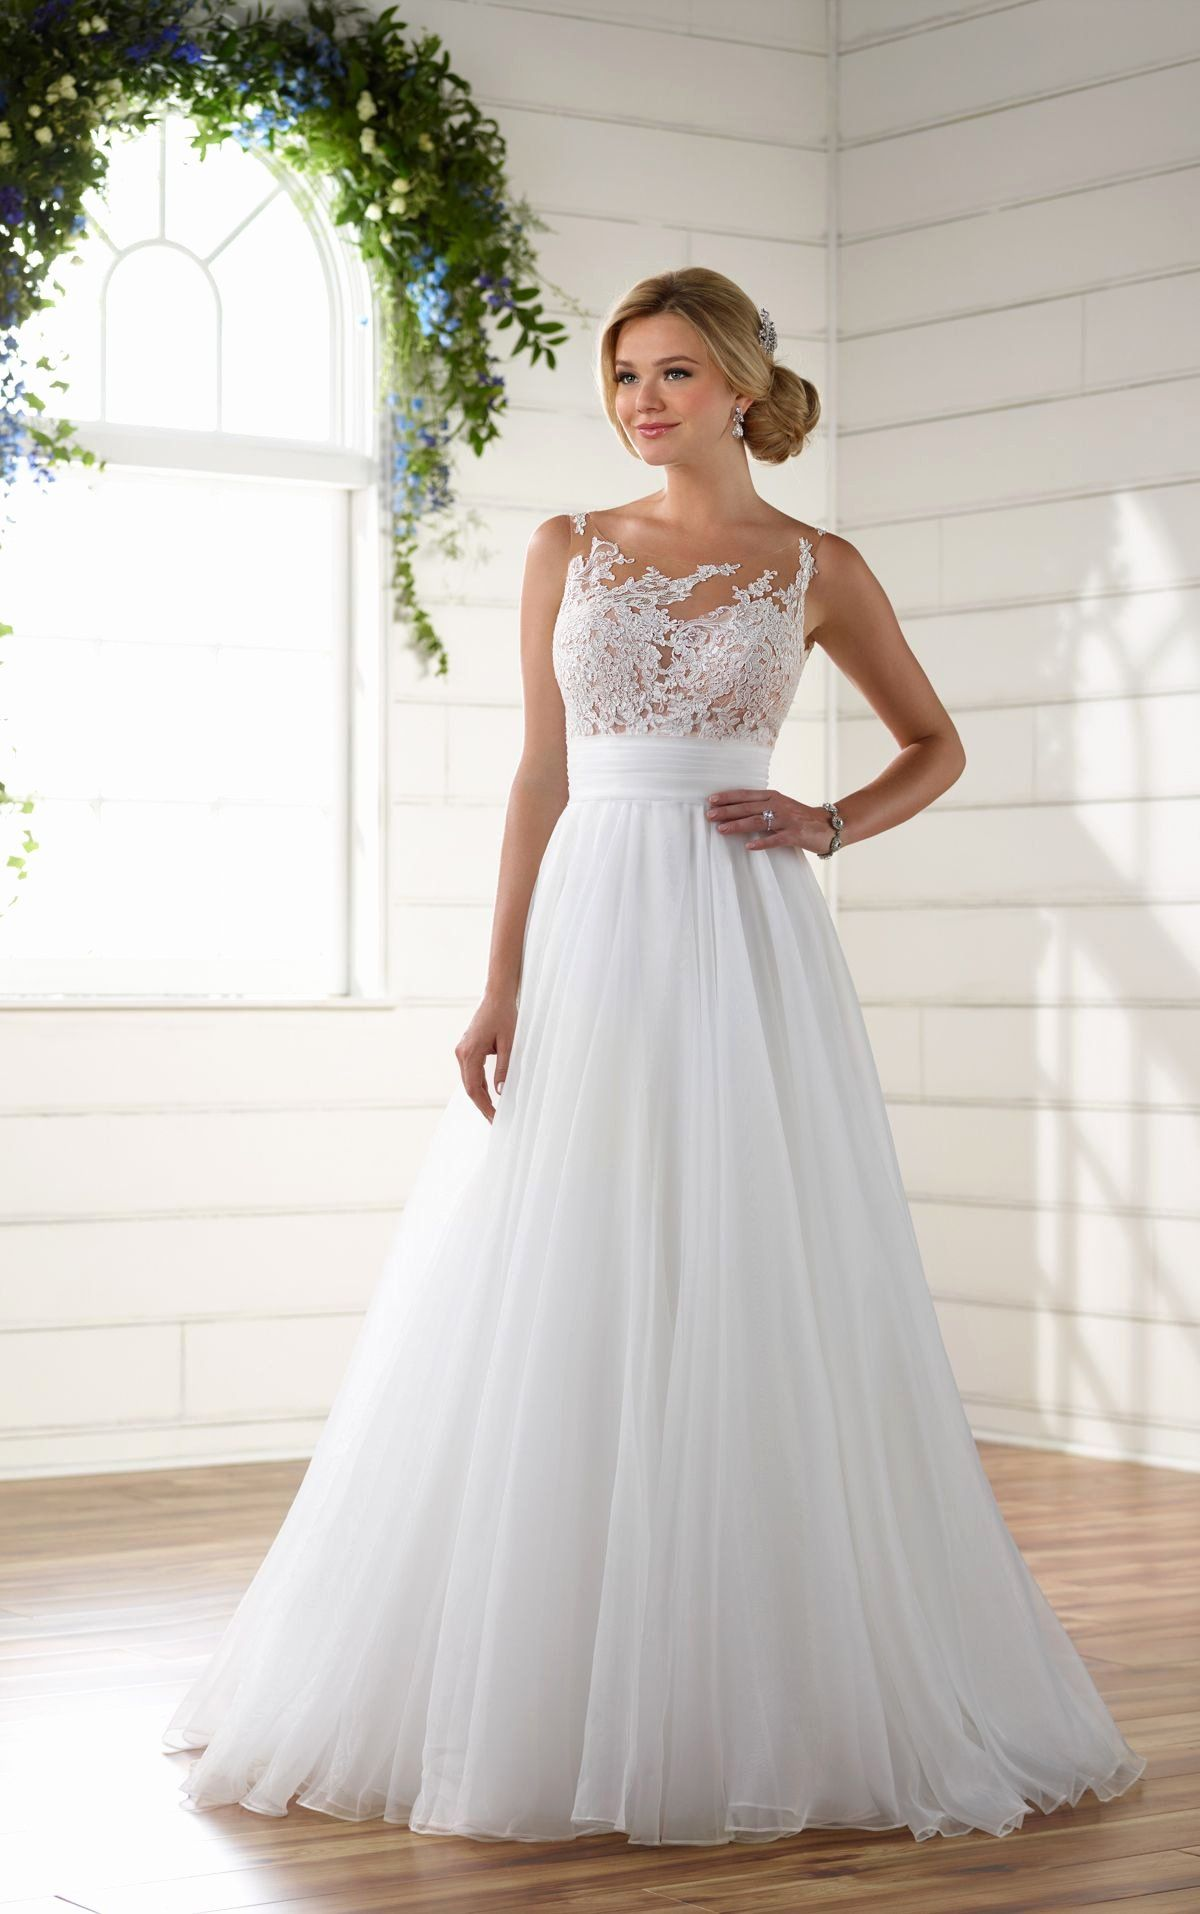 Asymmetrical Wedding Dress Designs in 2020 Wedding dress